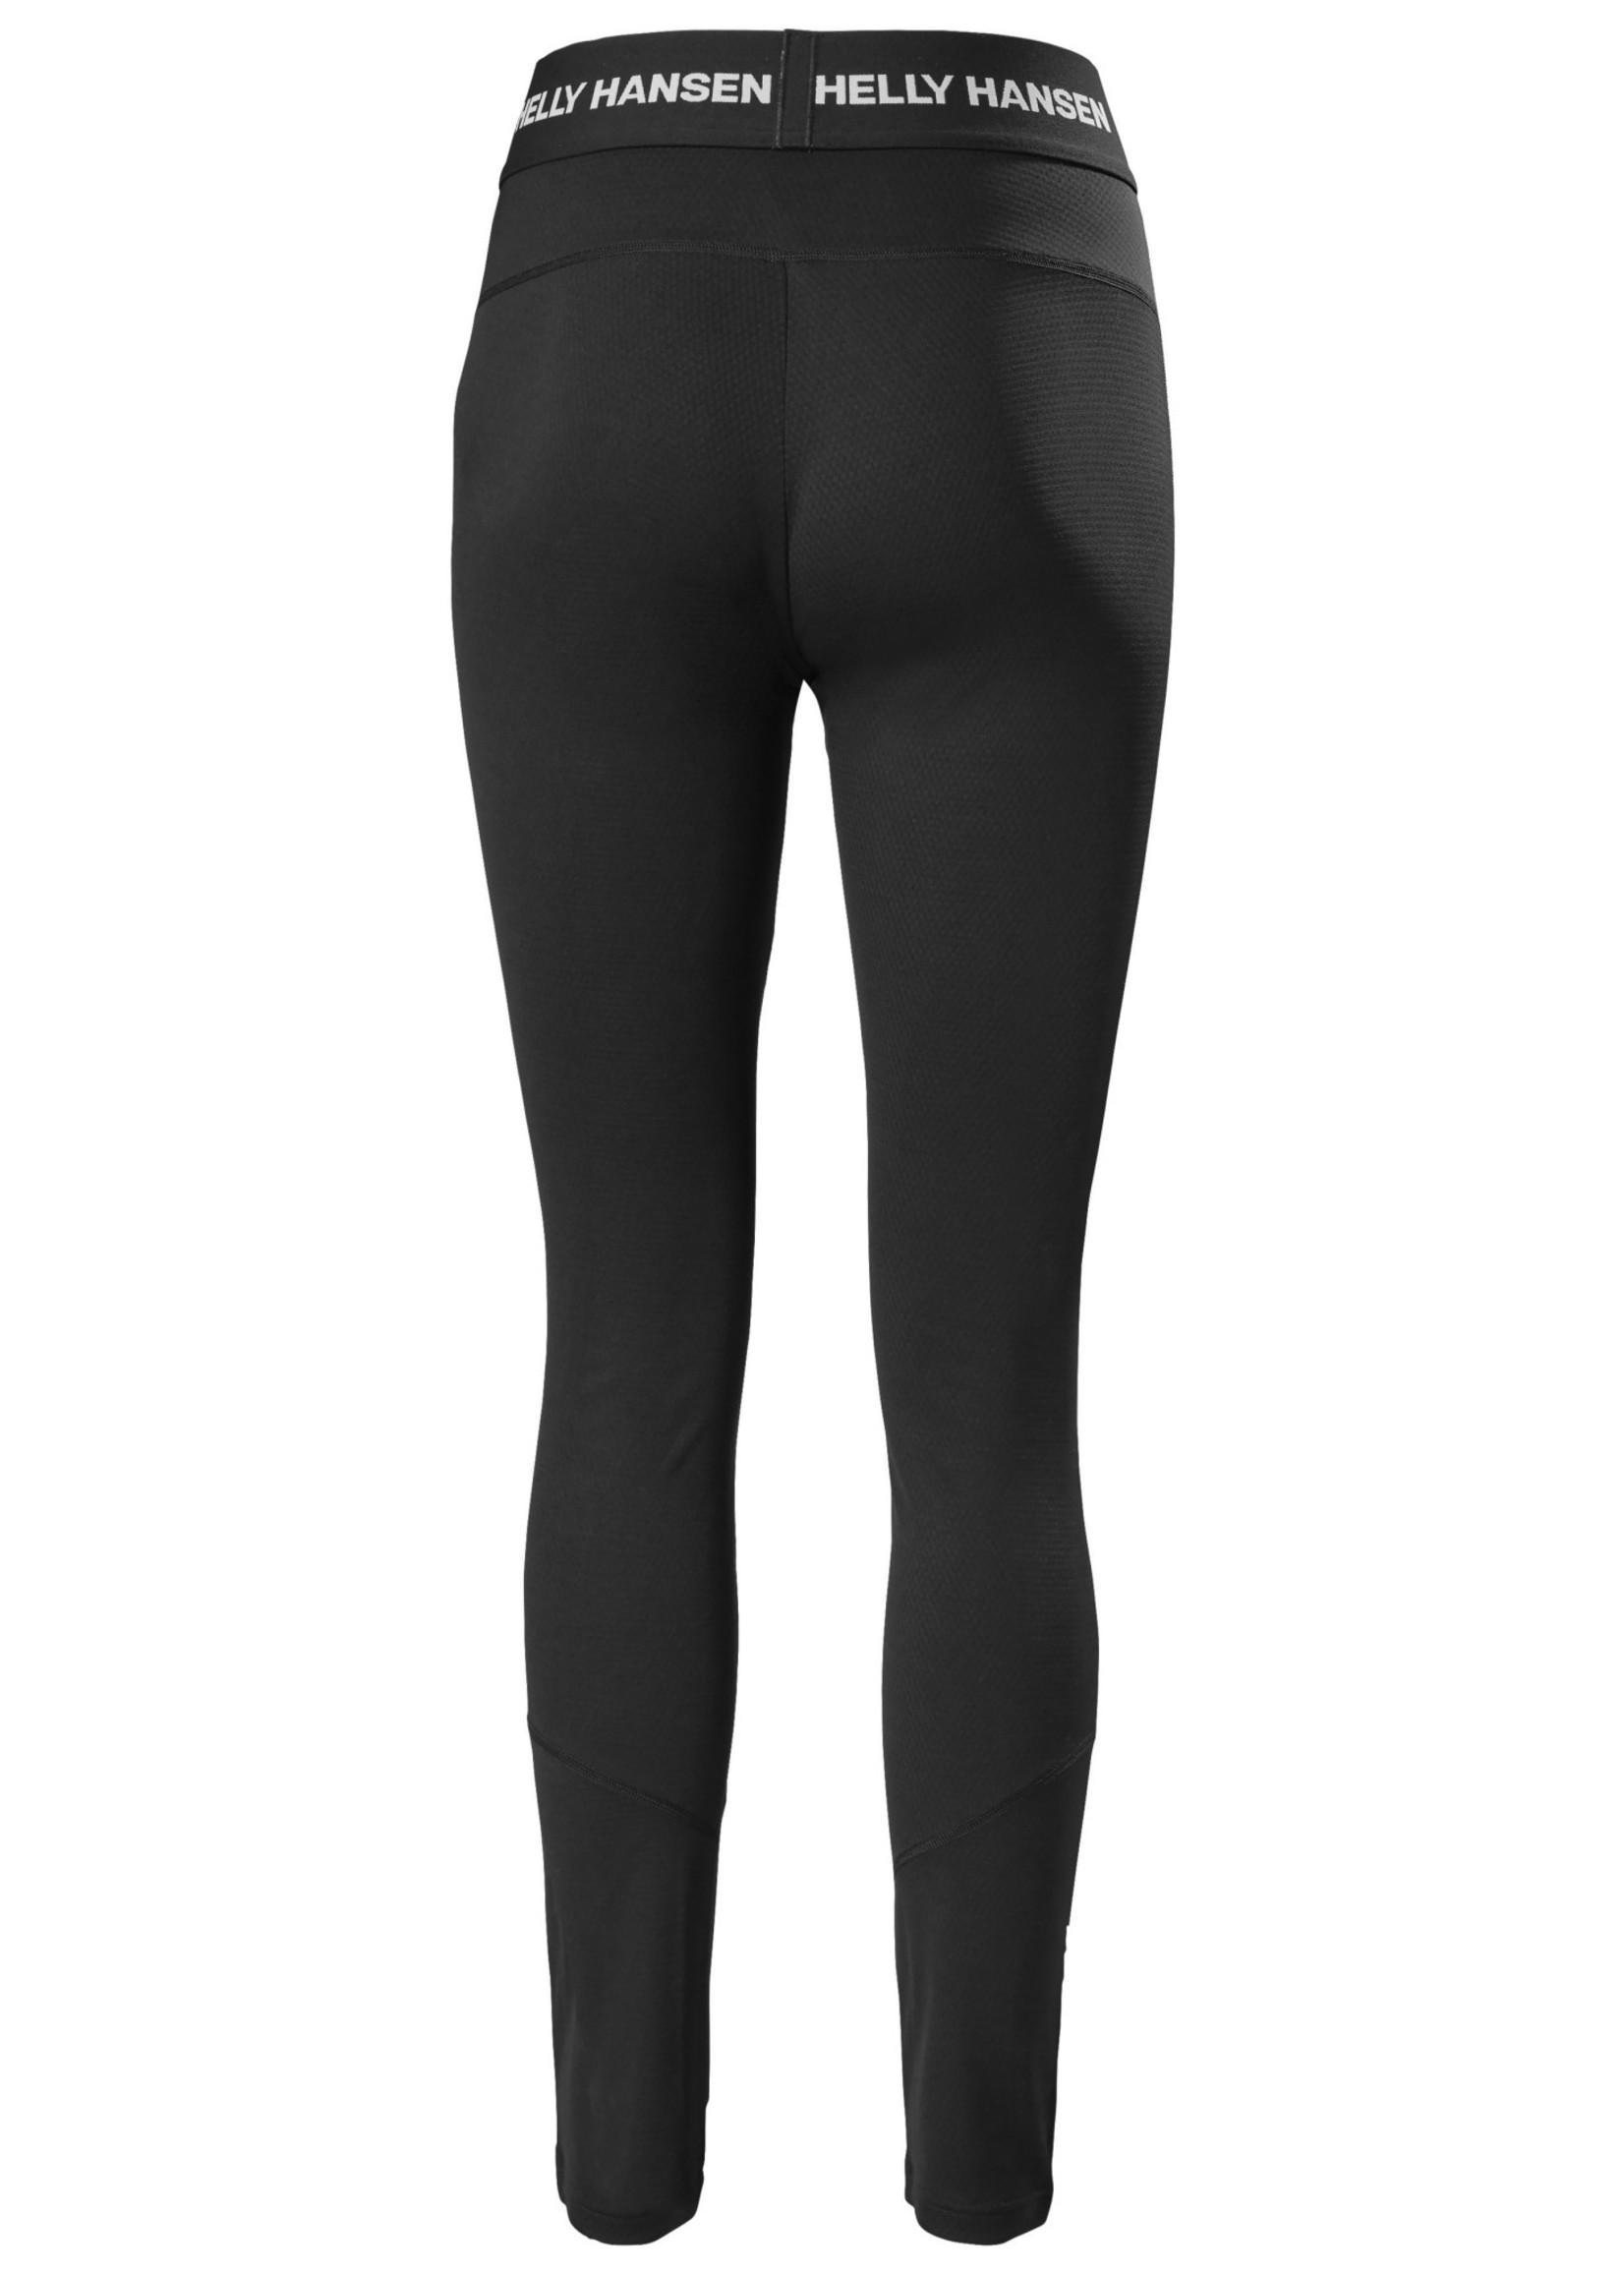 HELLY HANSEN Pantalon Lifa Active